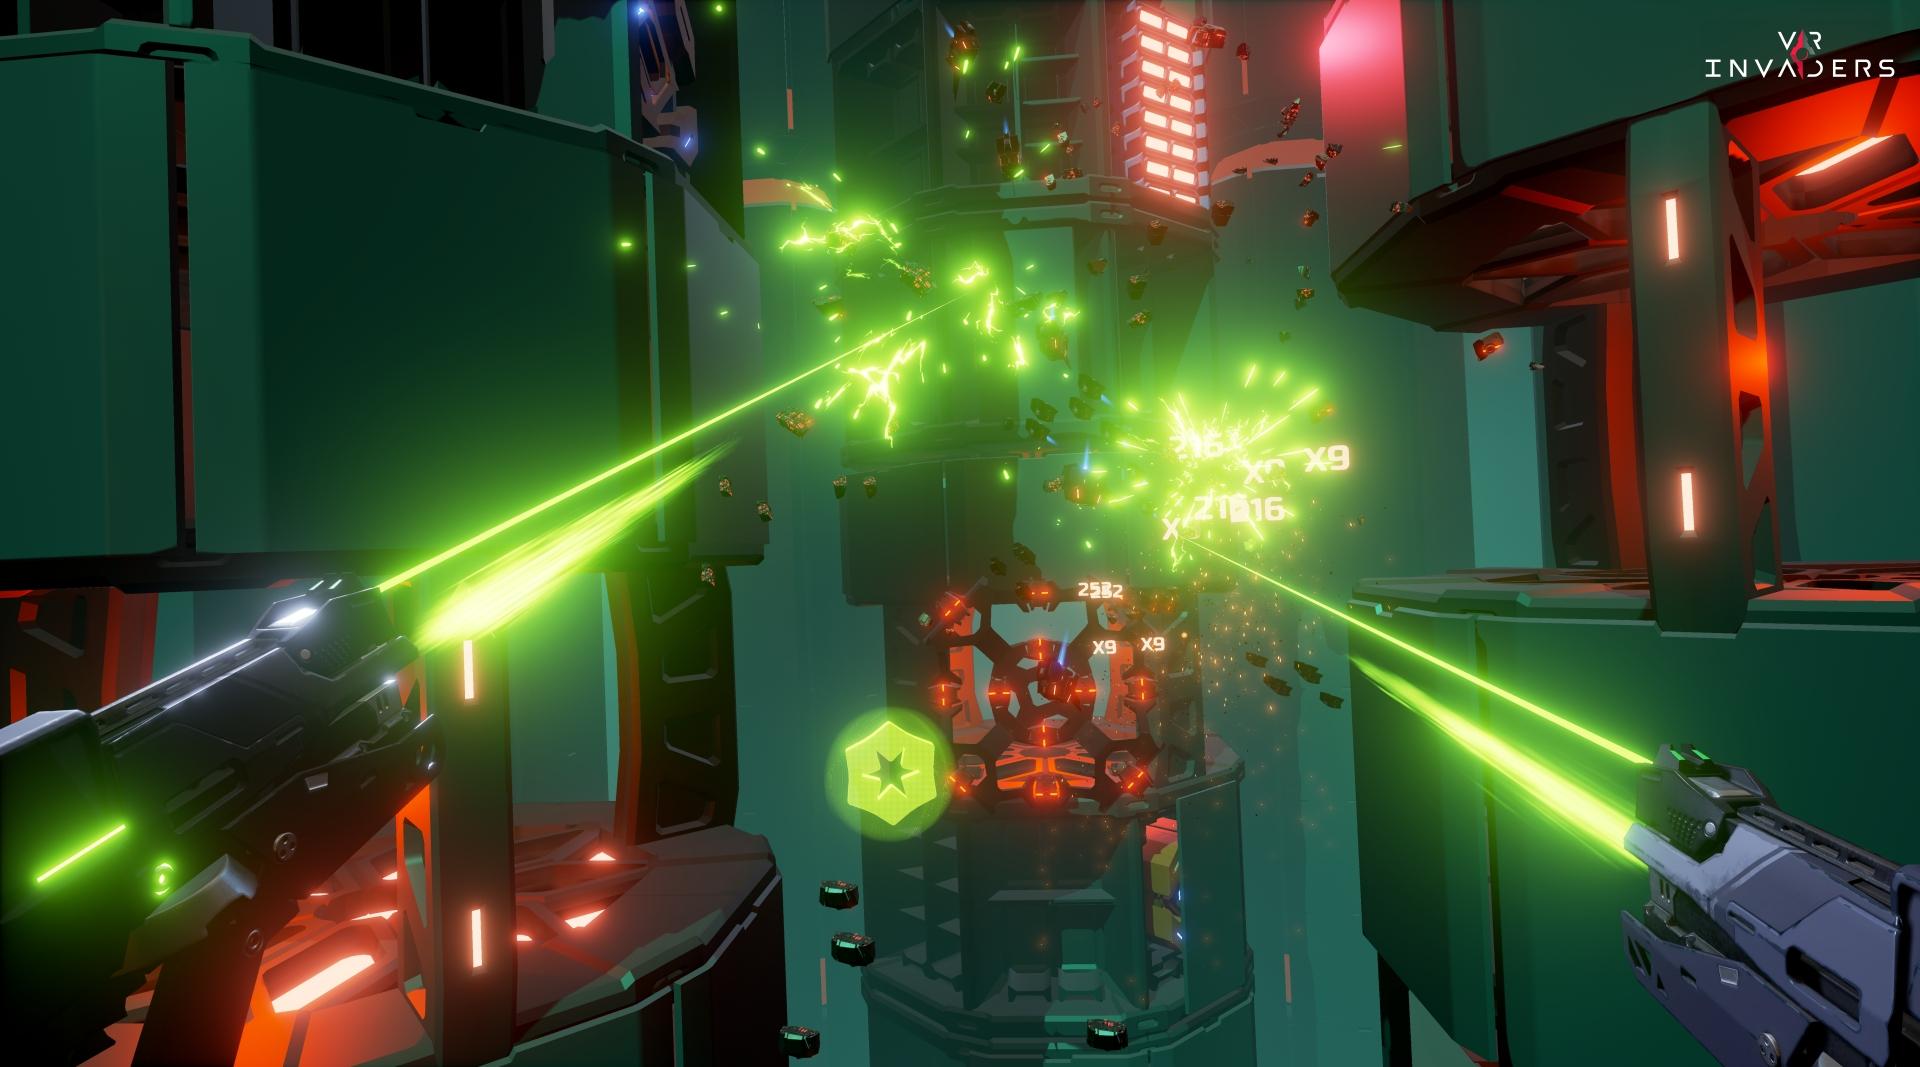 VRゲーム、VR Invaders、ゲームイメージ